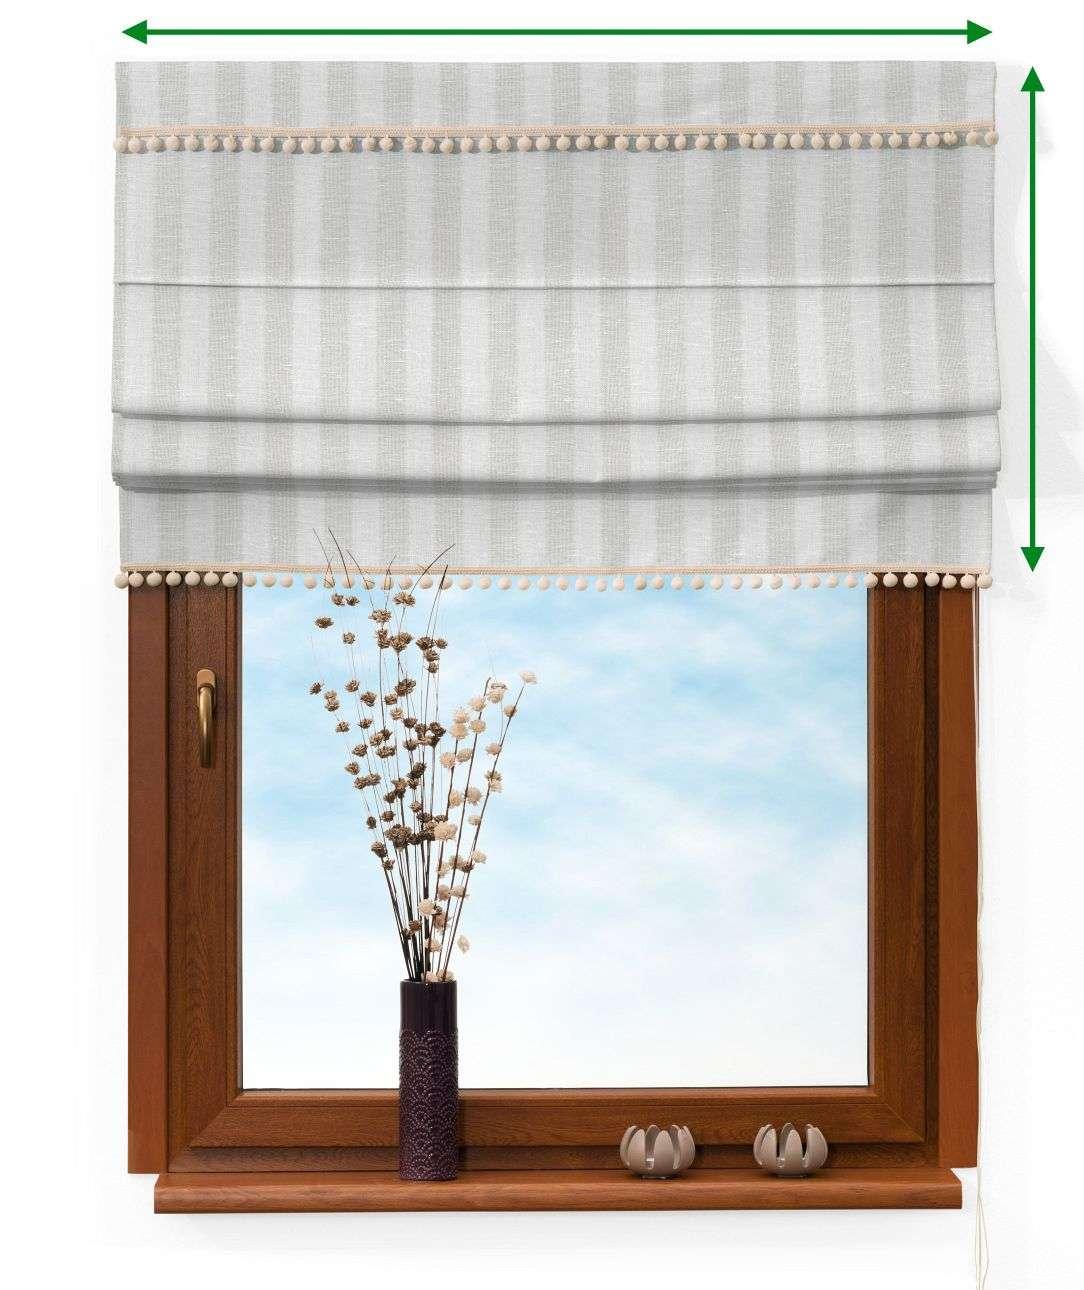 Rímska roleta Padva s brmbolcami V kolekcii Linen, tkanina: 392-03